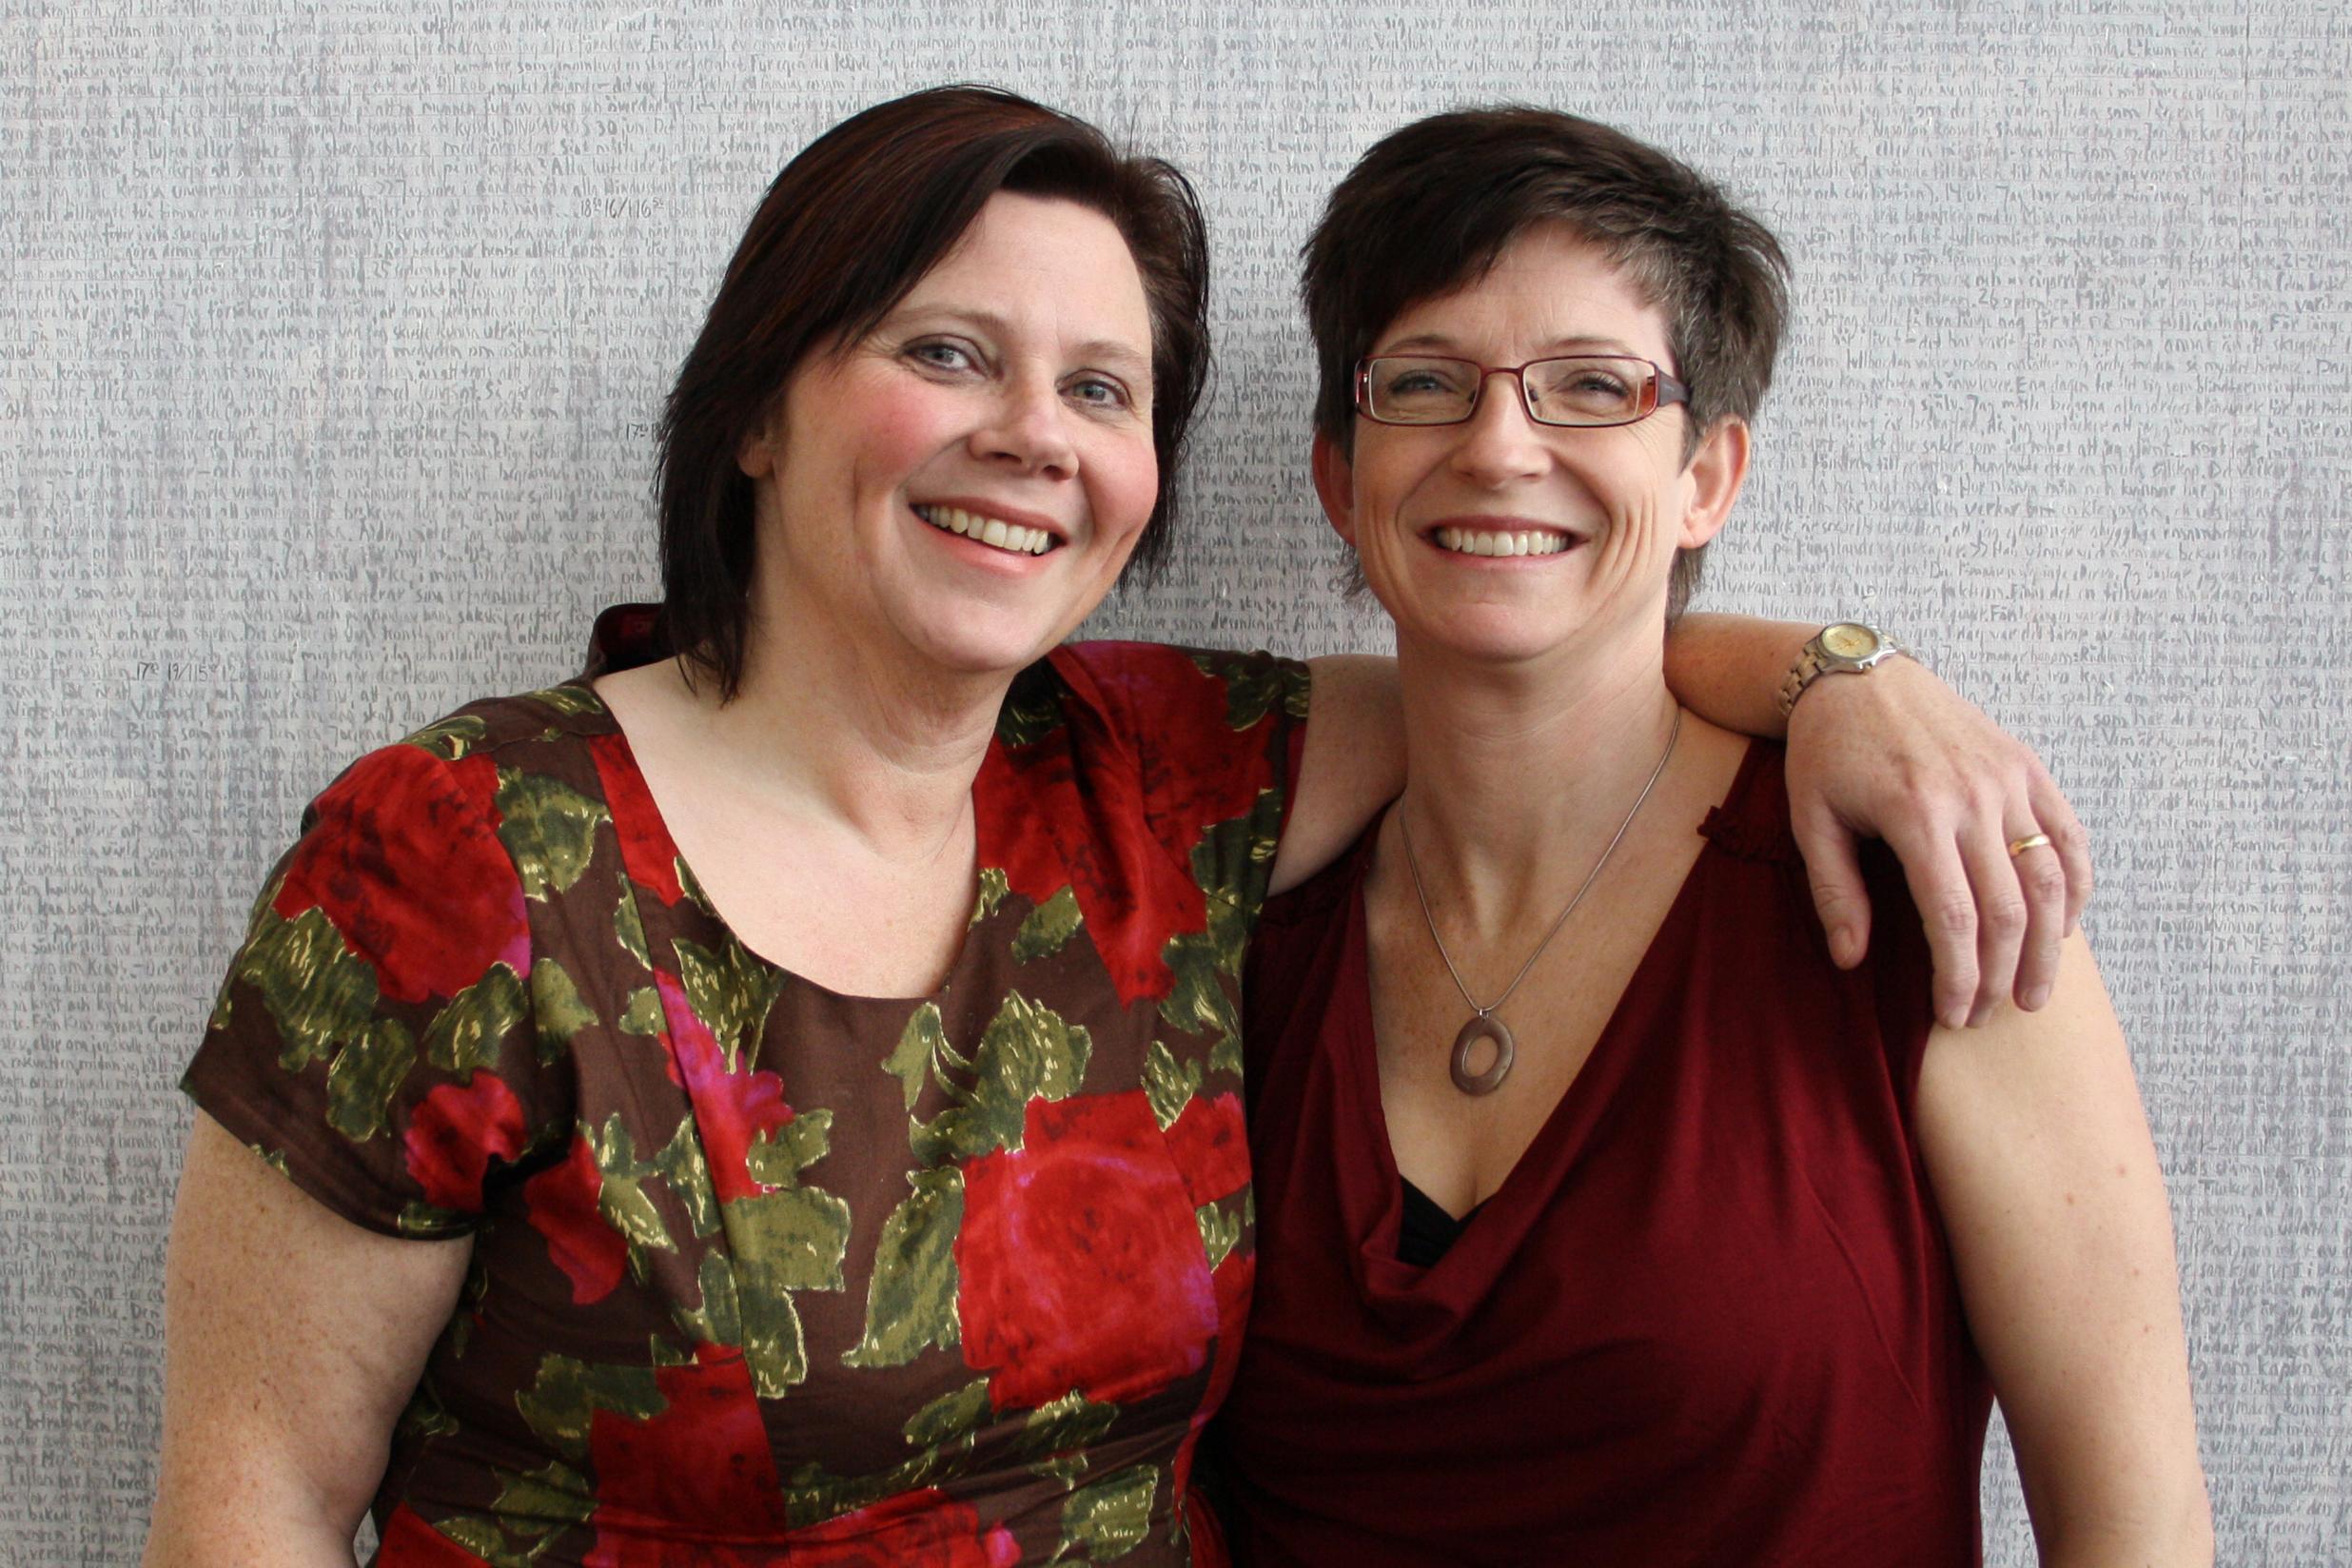 Anette Strandqvist taltidningsredaktör och Marie Westman redaktör för Y-bladet och tillika inläsare vid Inläsningstjänst